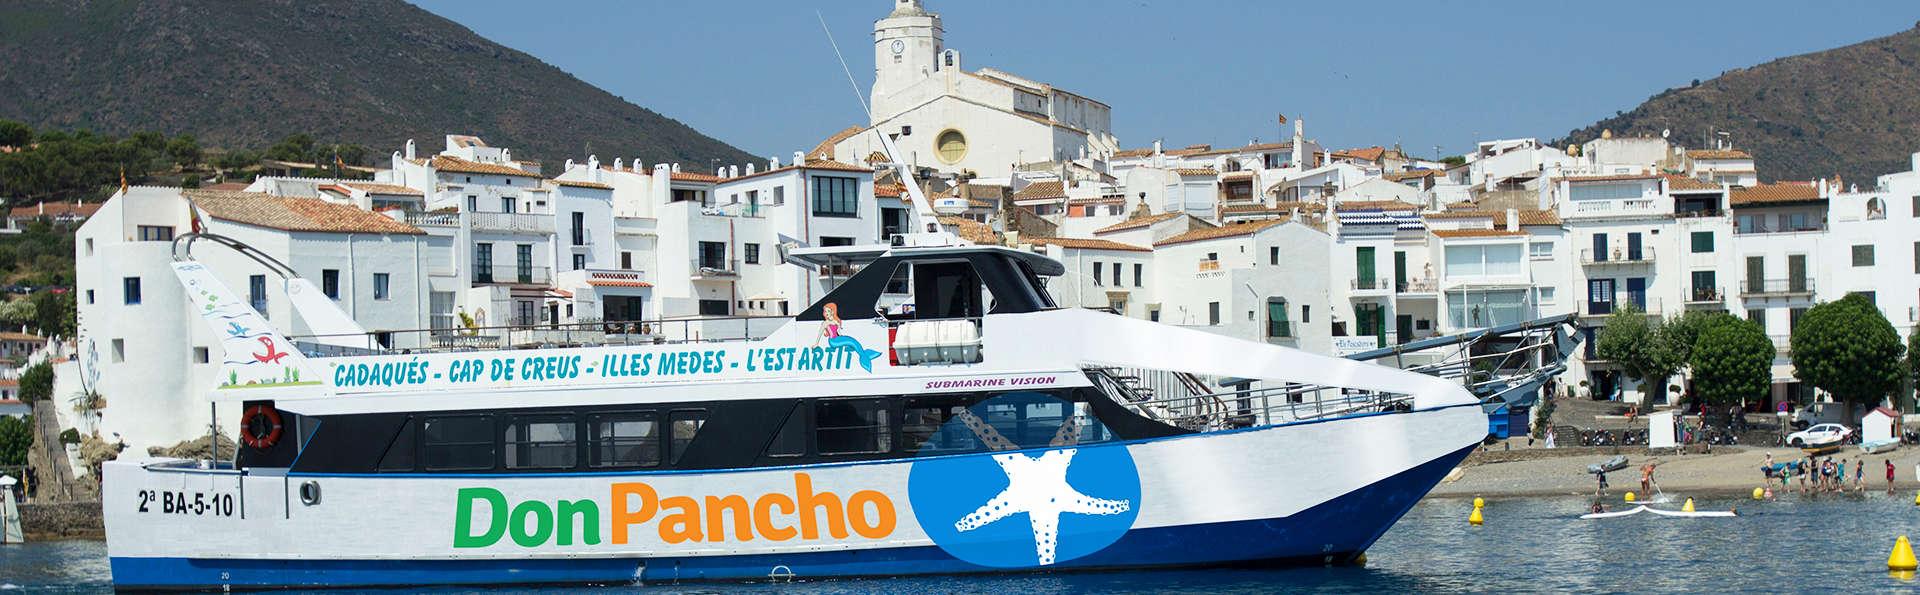 Escapada con cruceros Don Pancho en Roses